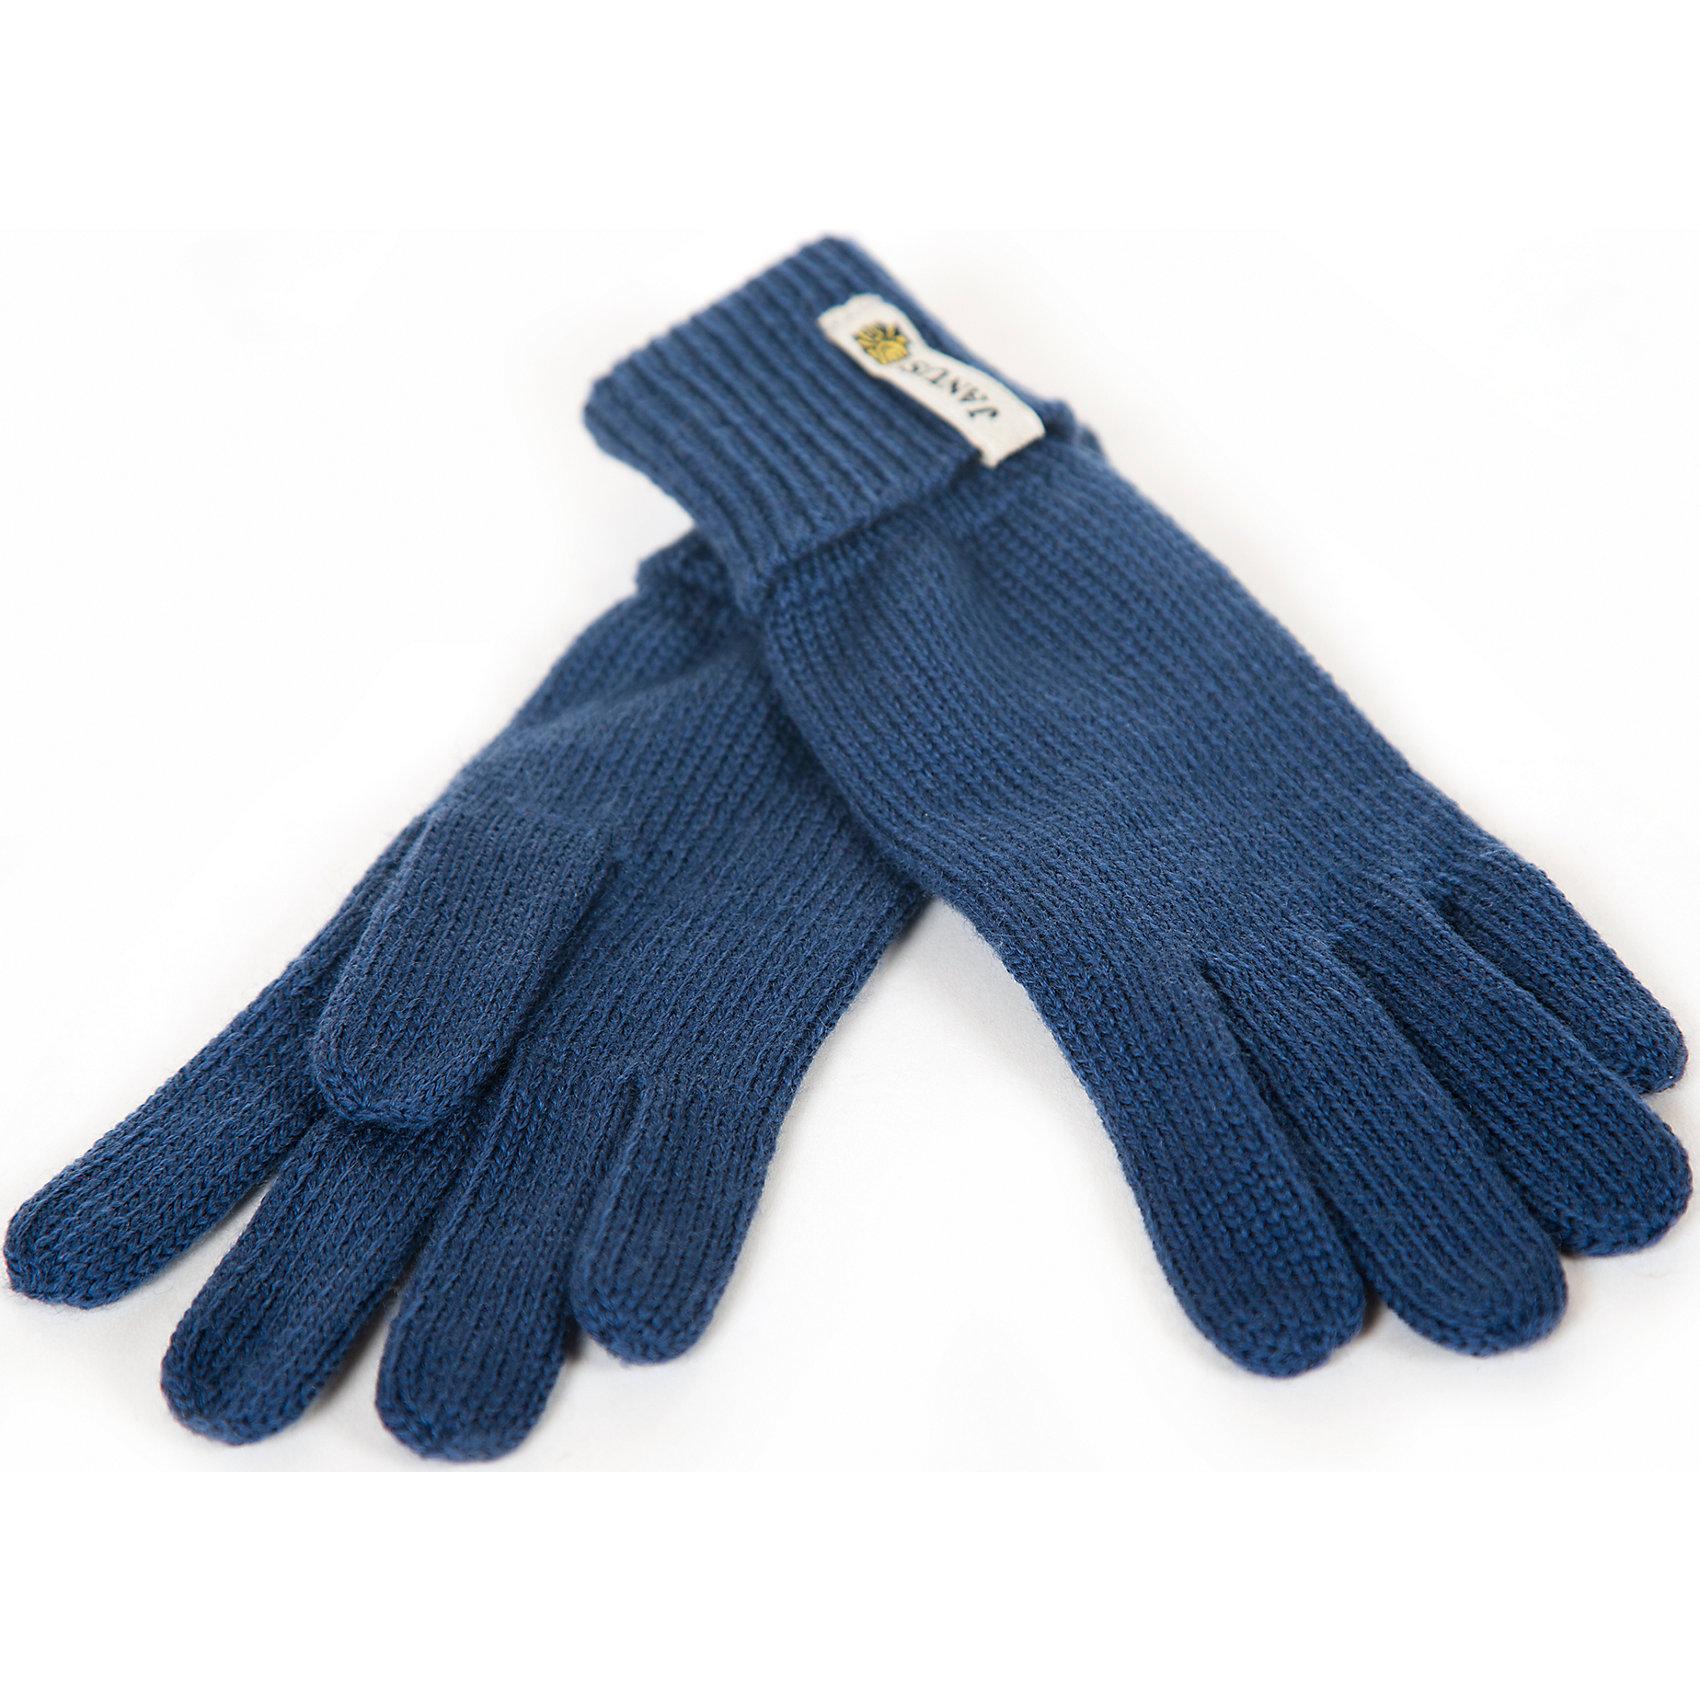 Перчатки  для мальчика JanusПерчатки  для мальчика известной марки Janus.<br><br>Изготовленные из тонкорунной шерсти мериноса, обладающей уникальными свойствами,  они отлично сохранят тепло рук вашего малыша. Мягкая гипоаллергенная шерсть позитивно влияет на кровообращение ребенка, поэтому перчатки не только согревают, но и оказывают лечебно-профилактический эффект. <br><br>Шерсть мериноса даже во влажном состоянии подарит нежной детской коже сухое тепло. Натуральный гигроскопичный материал позволяет коже «дышать», оберегая ручки ребенка не только от холода, но и от перегрева.<br><br>Шерстяные перчатки Janus красивы, удобны и полезны для детского здоровья.<br><br>Состав: 100% шерсть<br><br>Ширина мм: 162<br>Глубина мм: 171<br>Высота мм: 55<br>Вес г: 119<br>Цвет: розовый<br>Возраст от месяцев: 96<br>Возраст до месяцев: 120<br>Пол: Мужской<br>Возраст: Детский<br>Размер: 4,3<br>SKU: 4913714